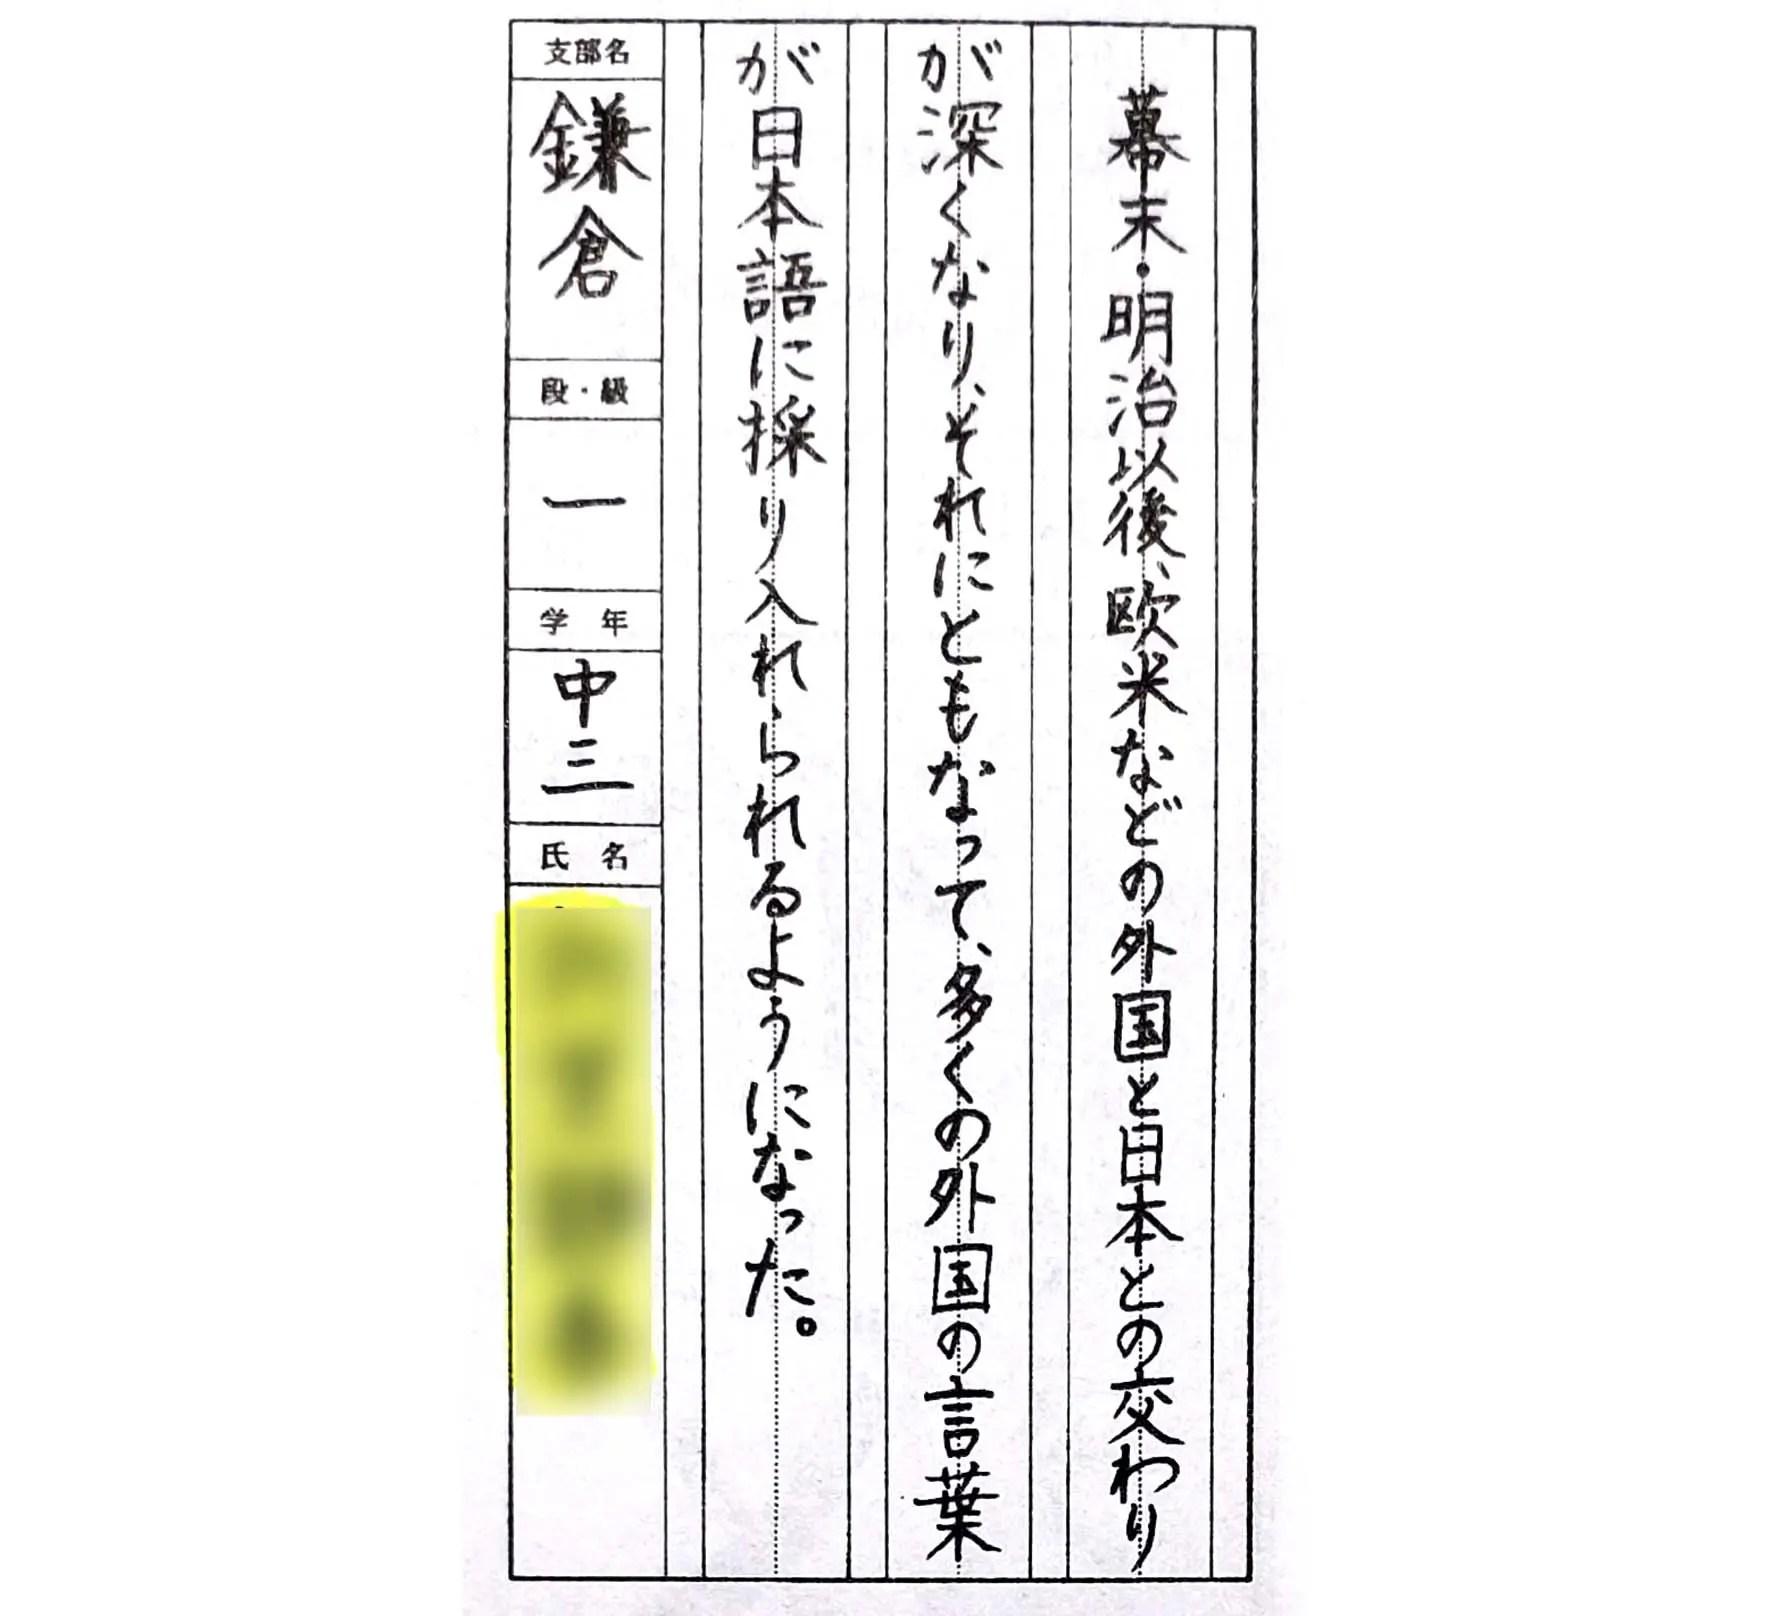 競書7月号に写真掲載された、生徒さんの硬筆作品/鎌倉市長谷の書道教室